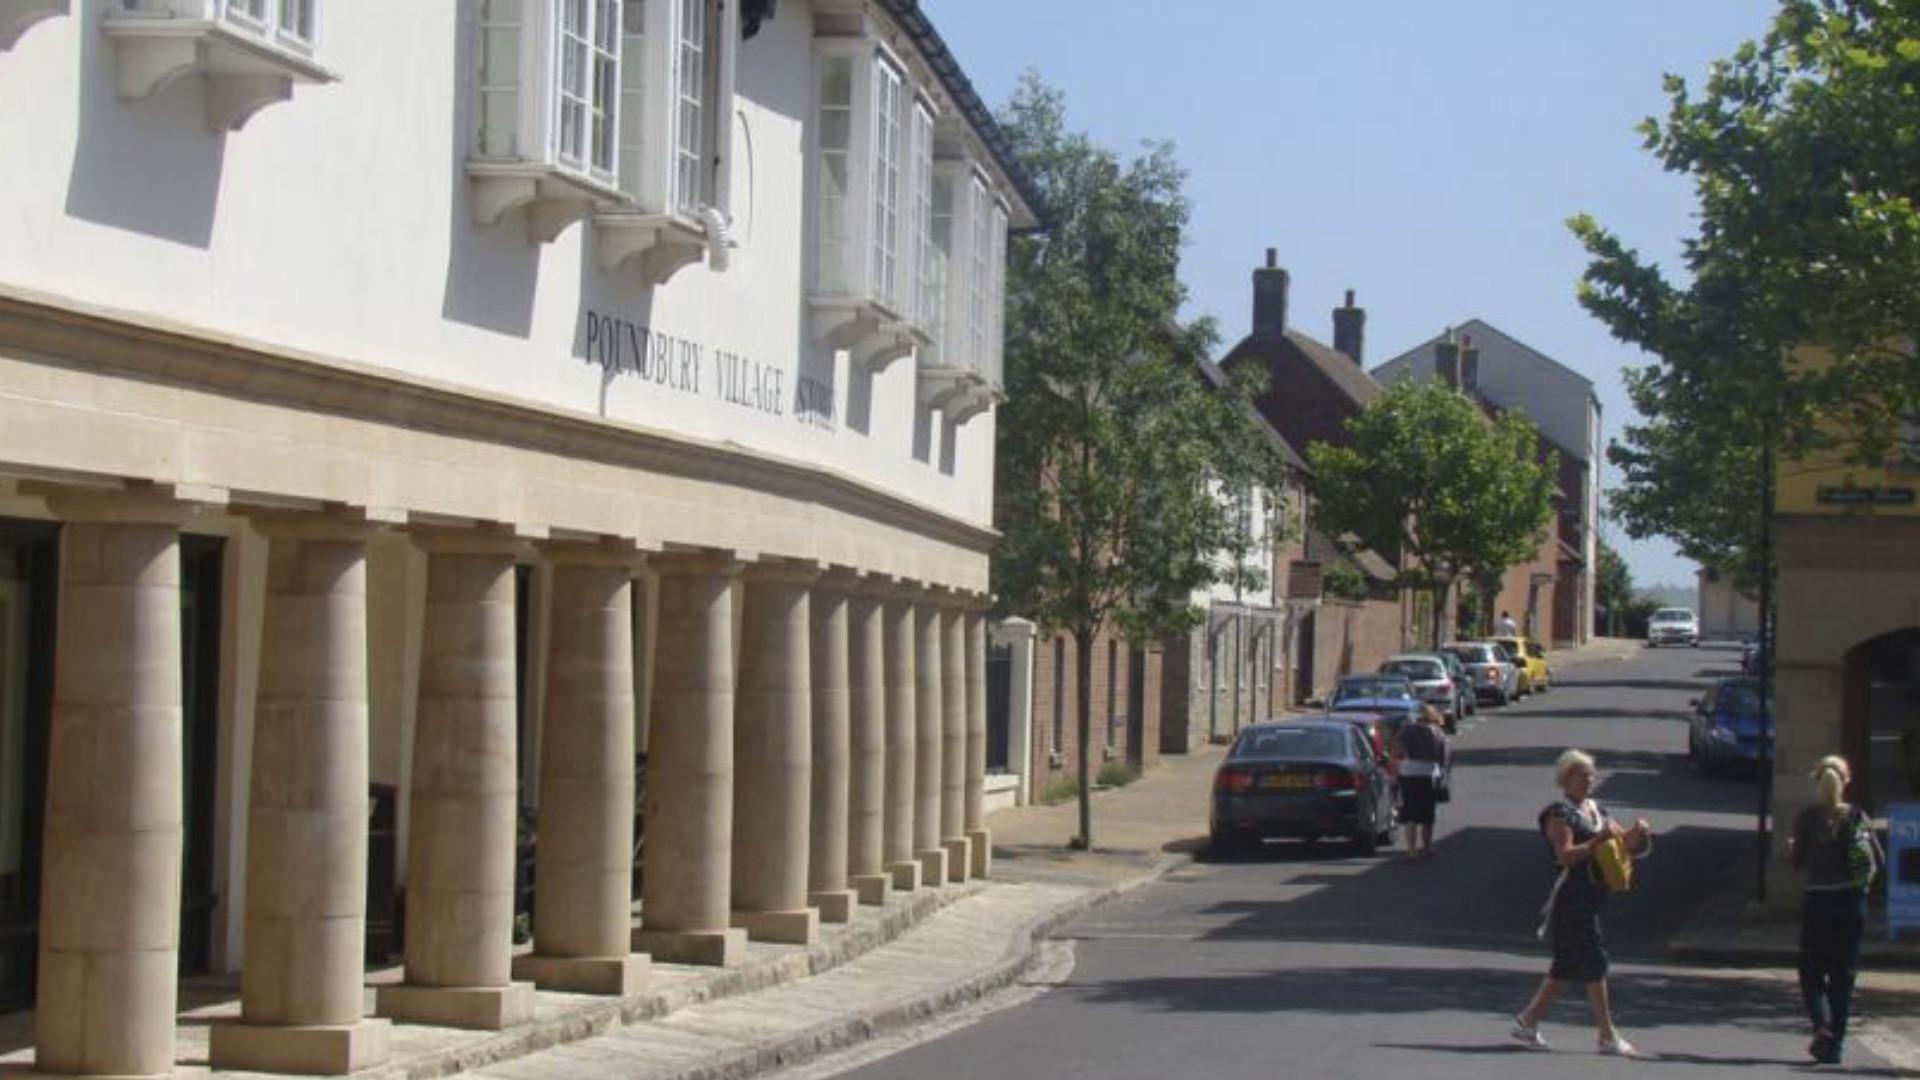 Poundbury: el laboratorio urbanístico del príncipe Carlos